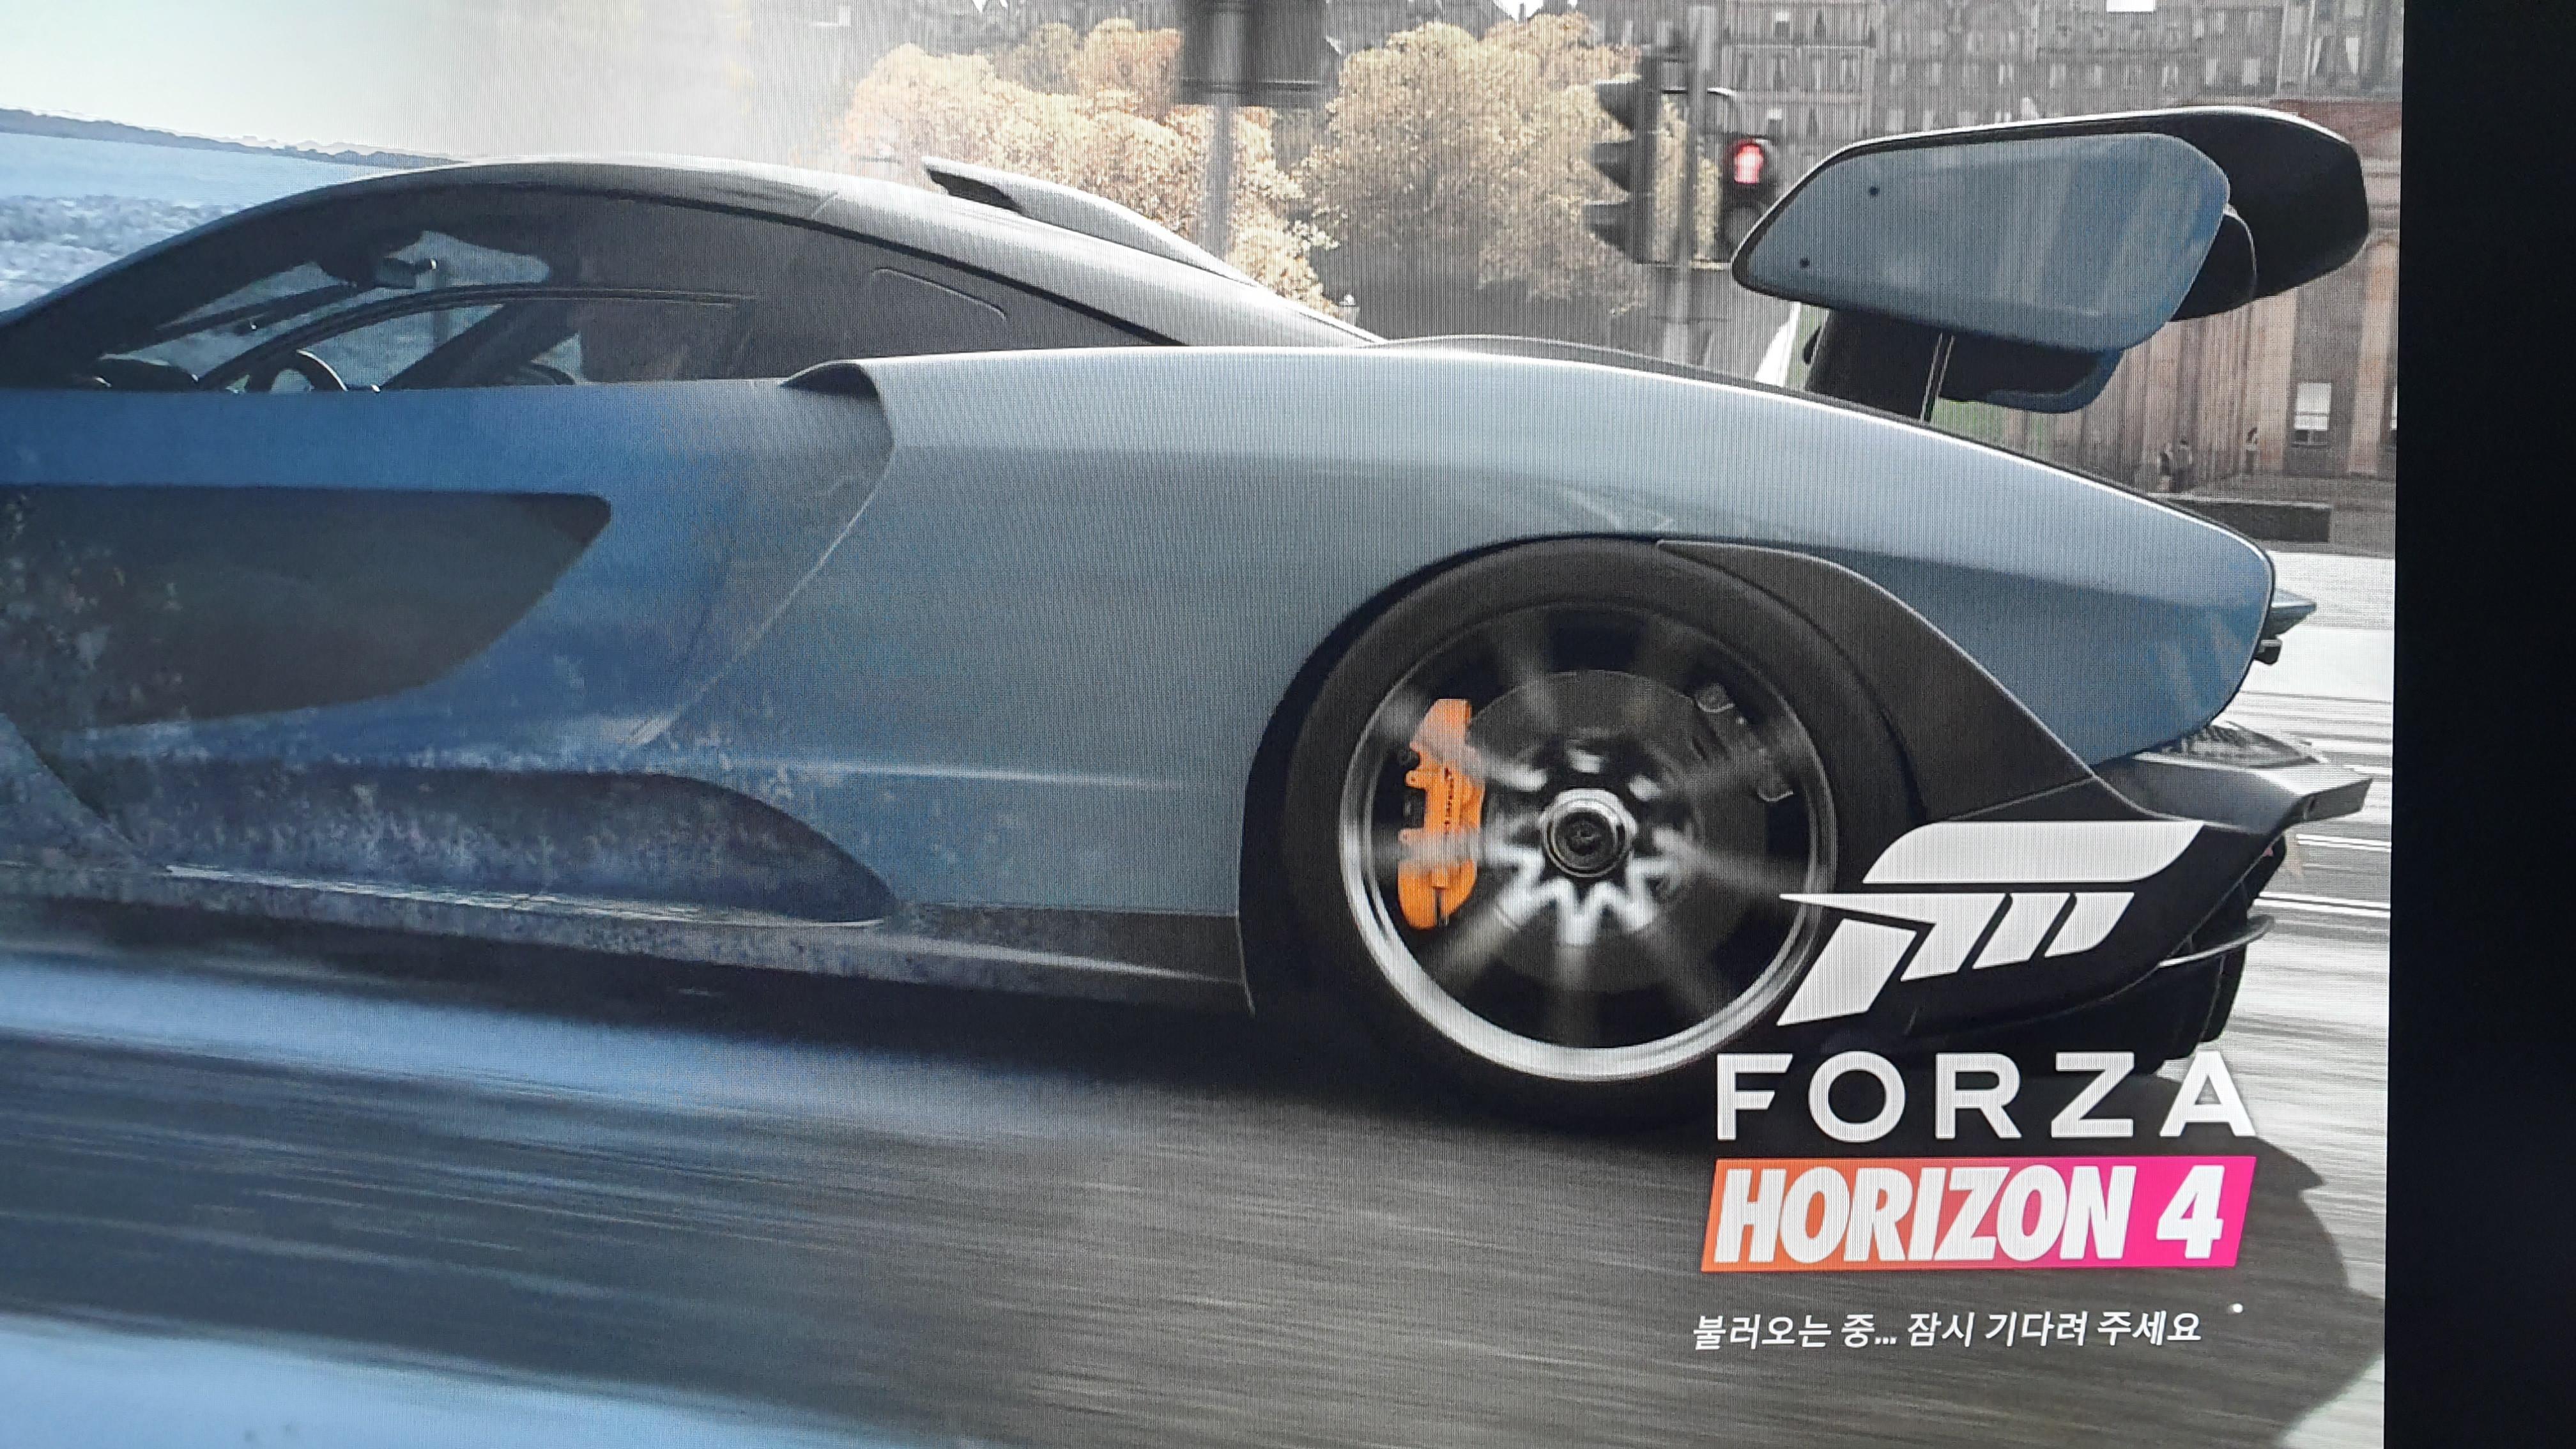 포르자 호라이즌4  접속안되요 [Translate] Forza Horizon 4 not accessible [IMG]